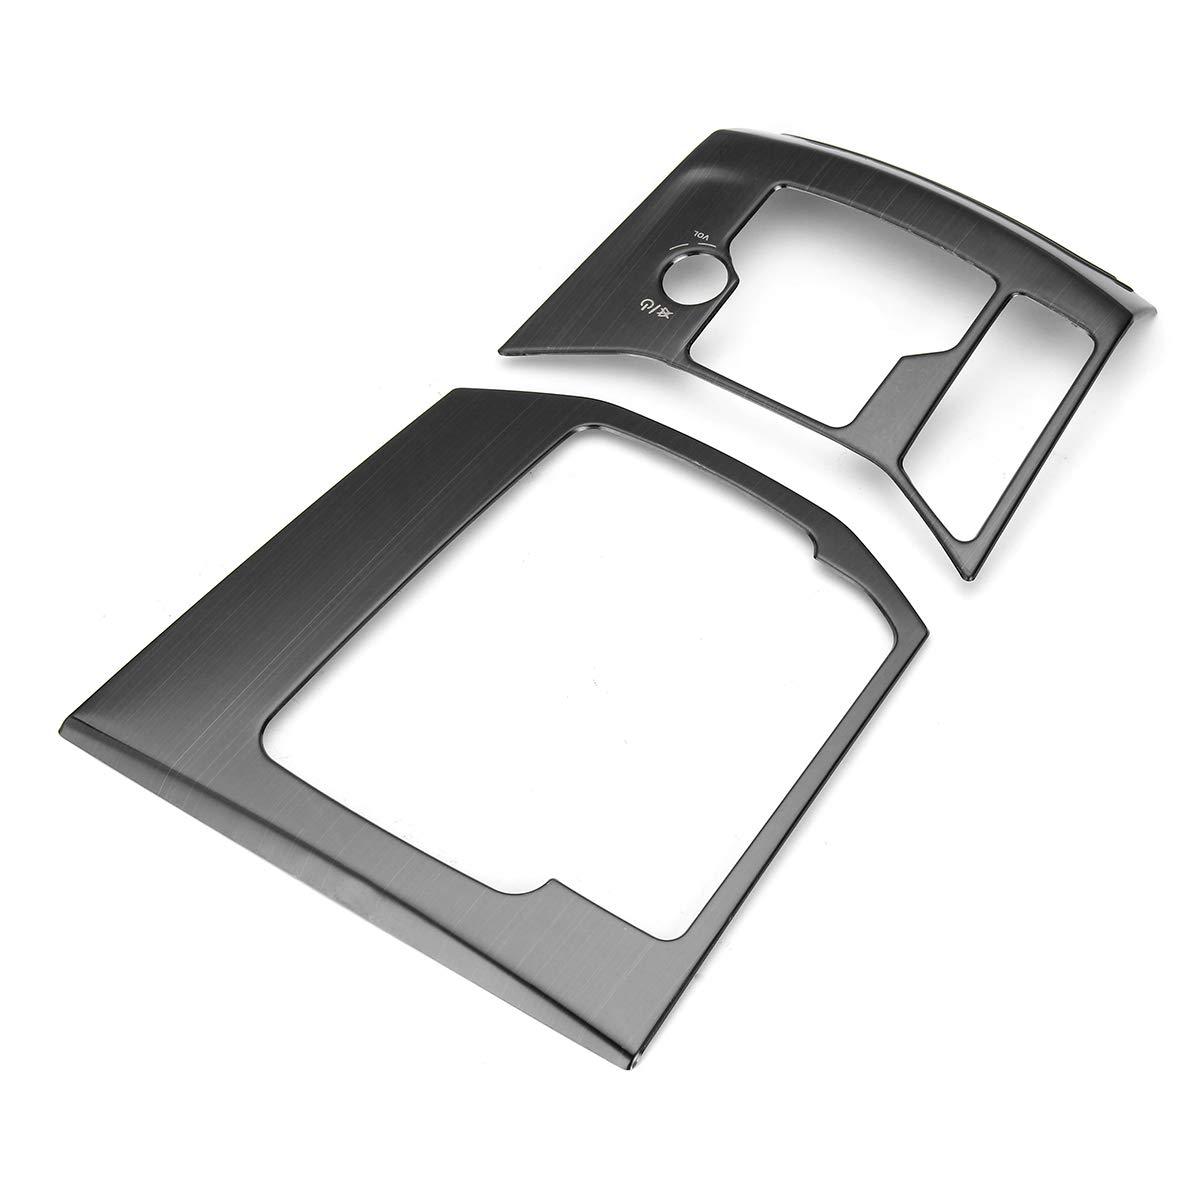 FeLiCia Auto ABS Acciaio Inossidabile Decorazione Auto Interno Cambio Telaio Pannello di Copertura per Mazda Cx-5 - Argento